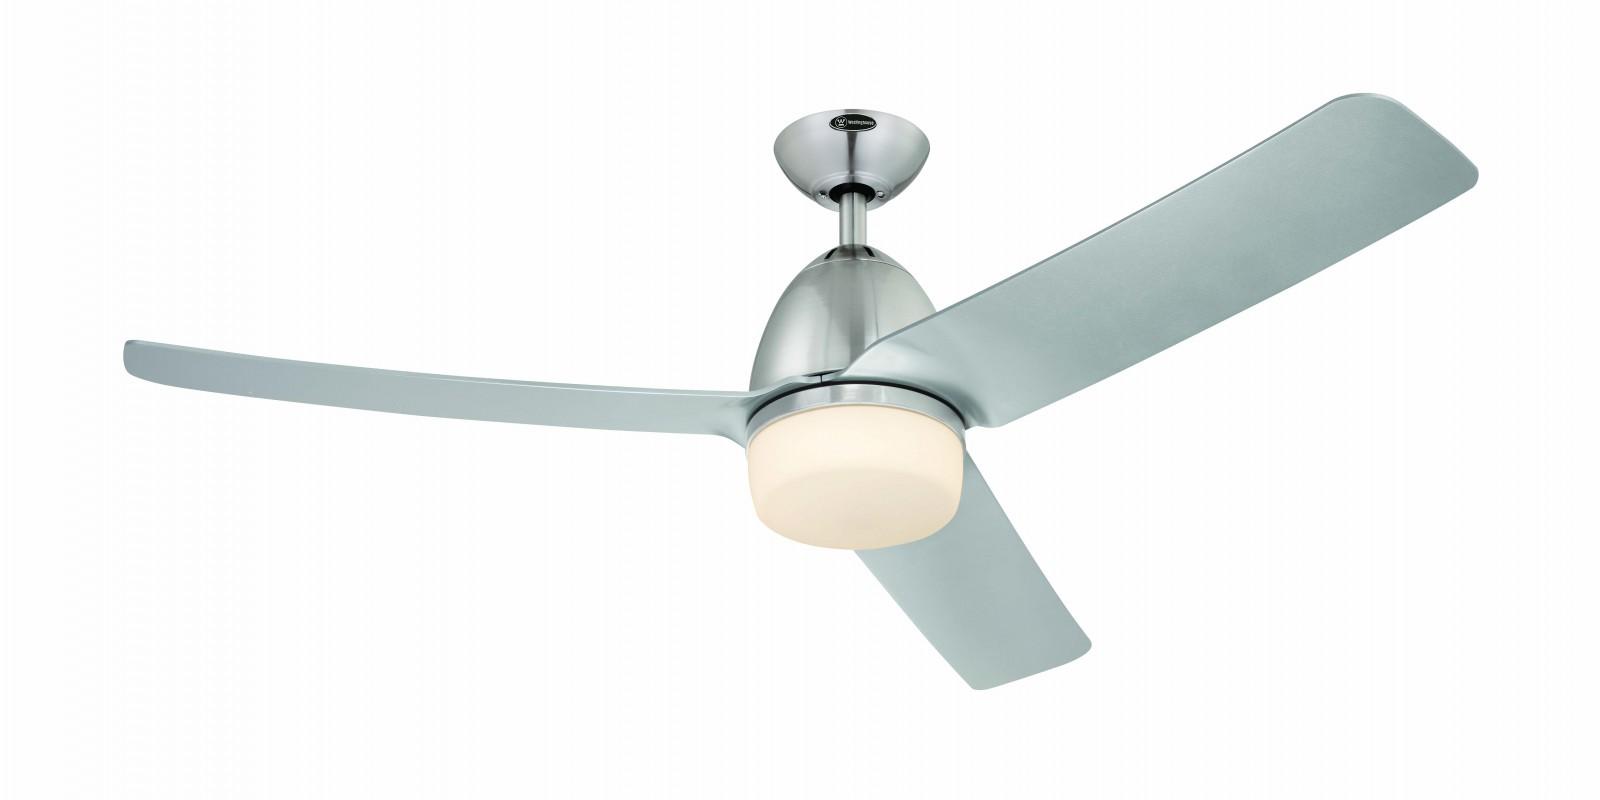 Westinghouse ventilateur de plafond basse consommation - Ventilateur de plafond avec eclairage ...